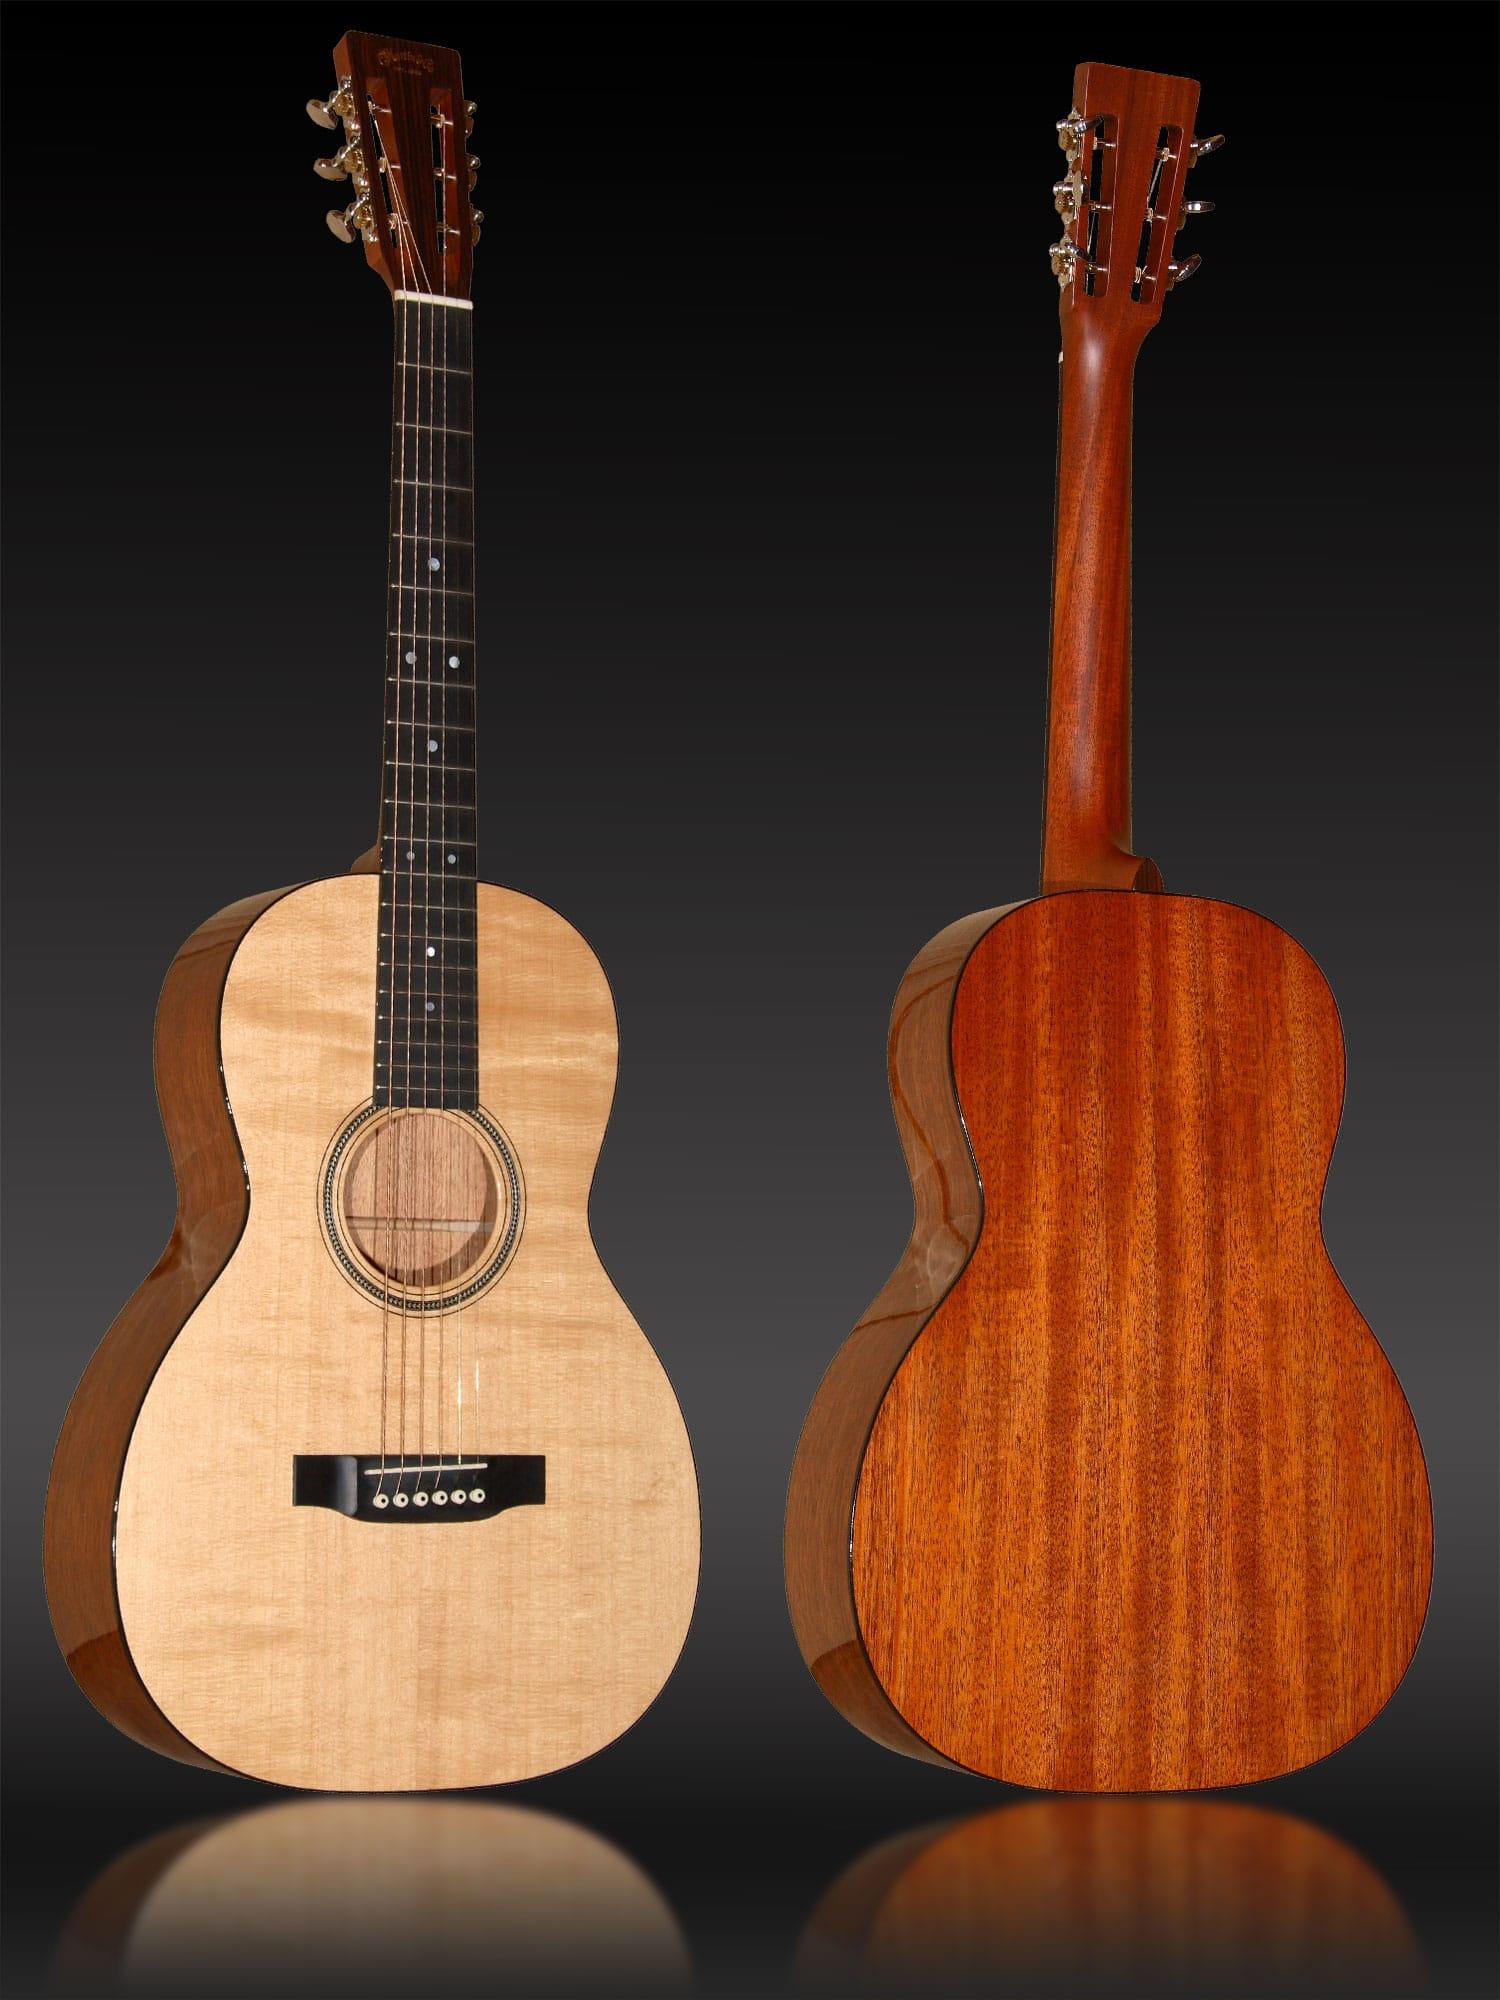 Martin 00-16SG, Martin-Gitarre in 00-Form mit massiver Fichtendecke und massivem Mahagonikorpus. Koffer inklusive.